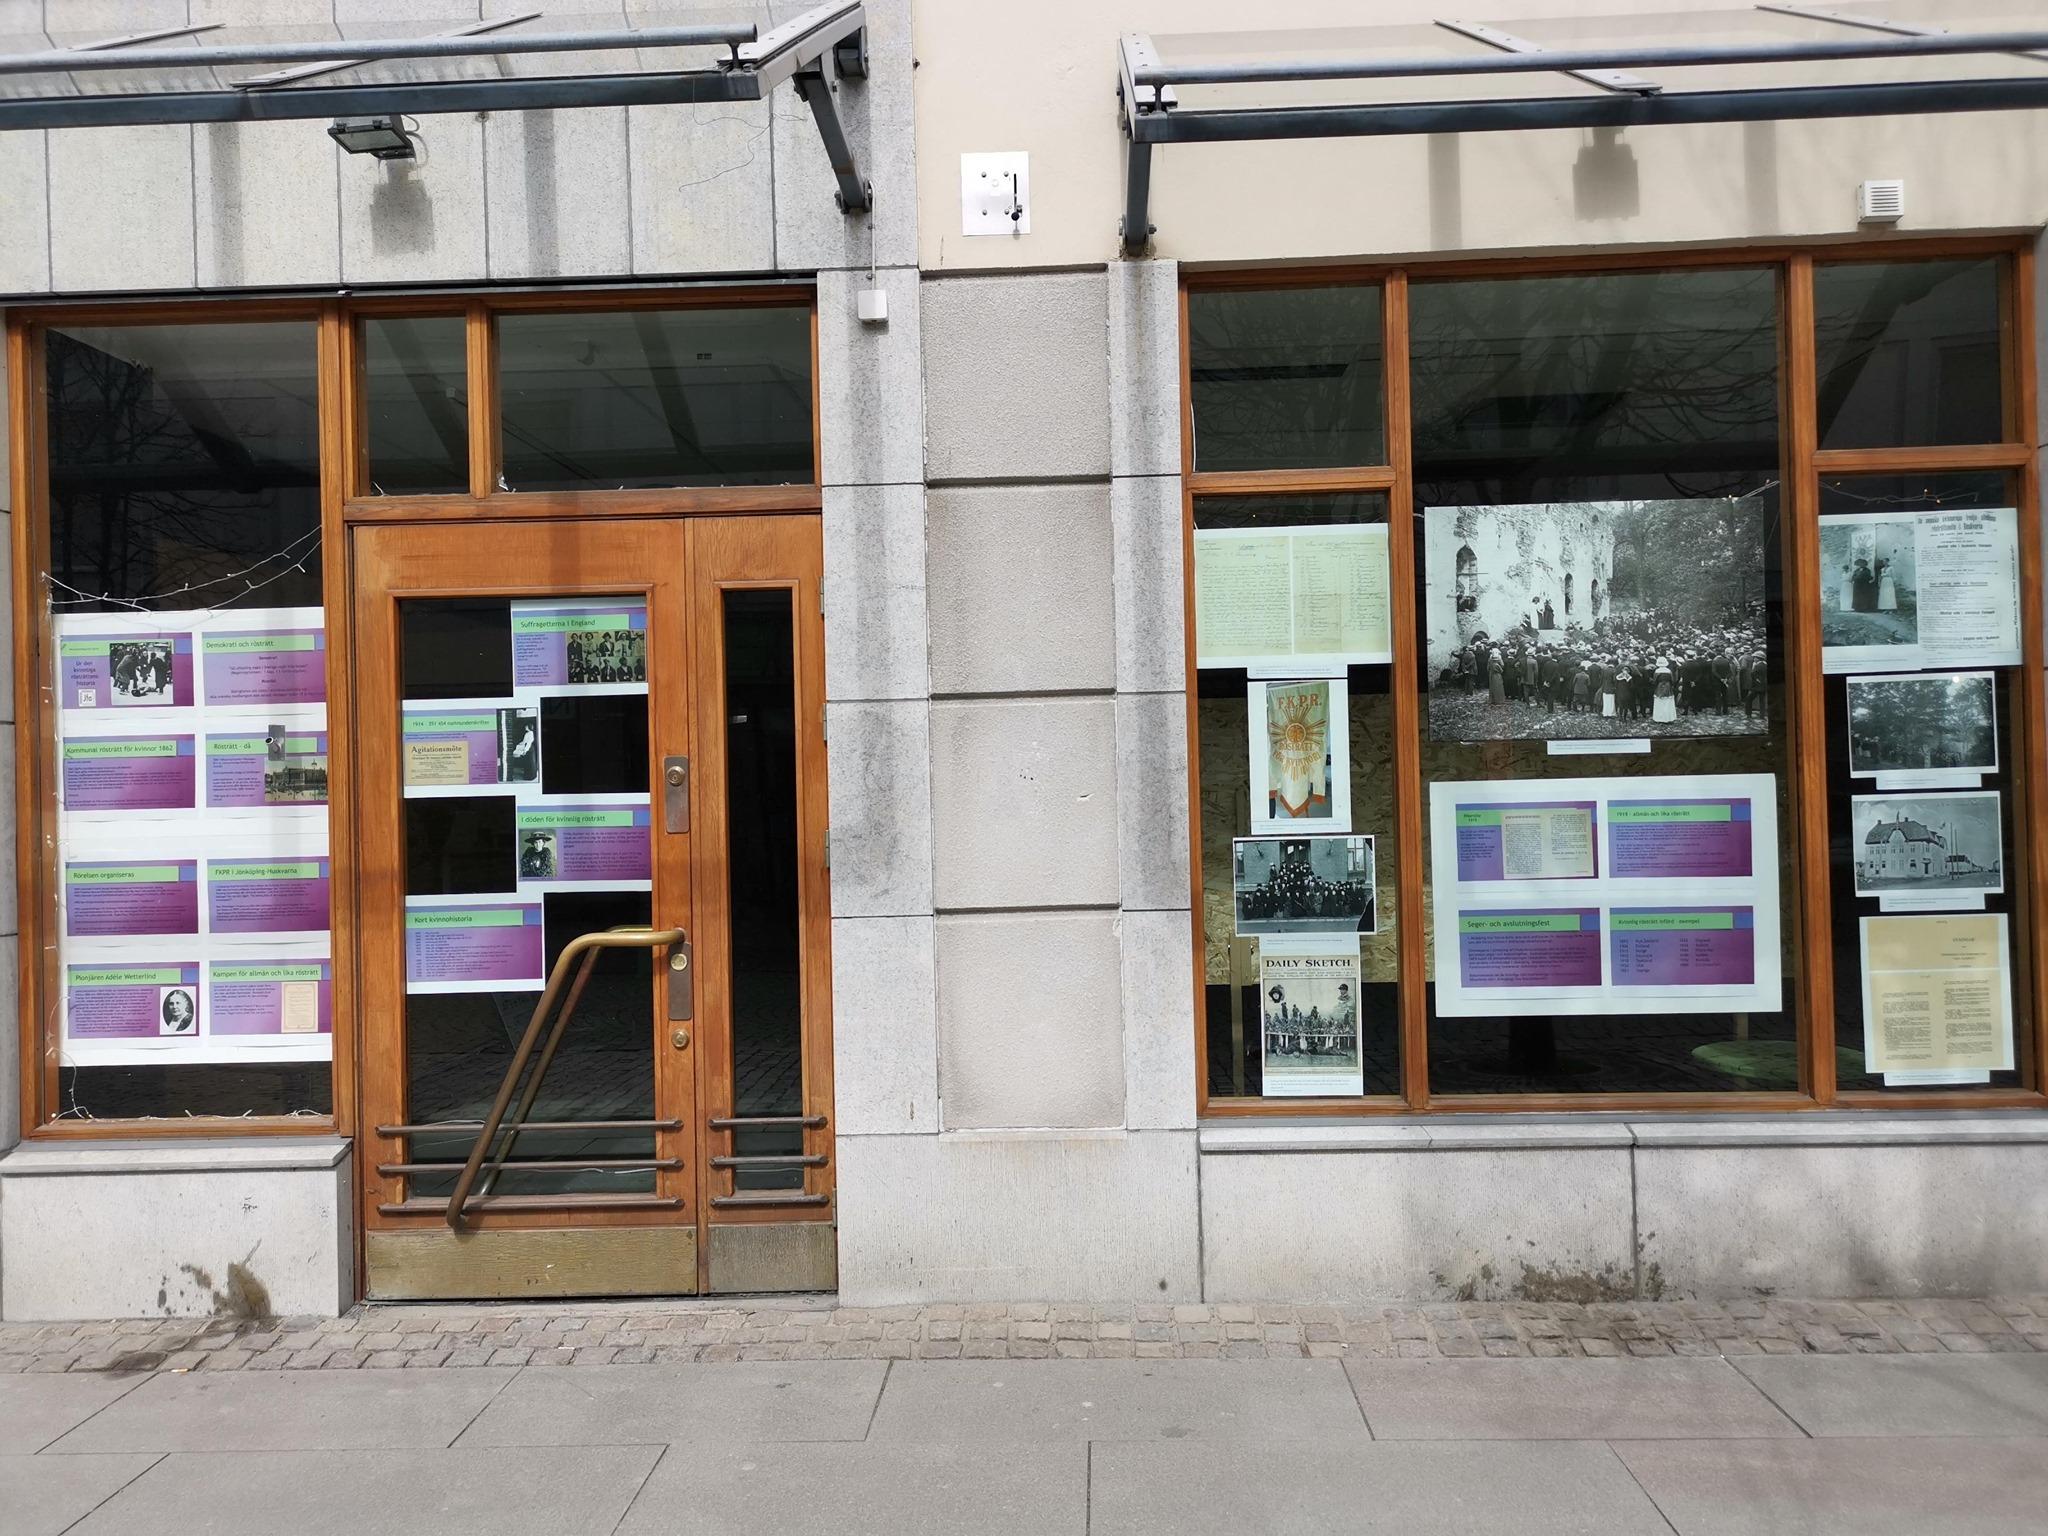 Fotografi av utställning monterad på butiksfönster ut mot gågata.